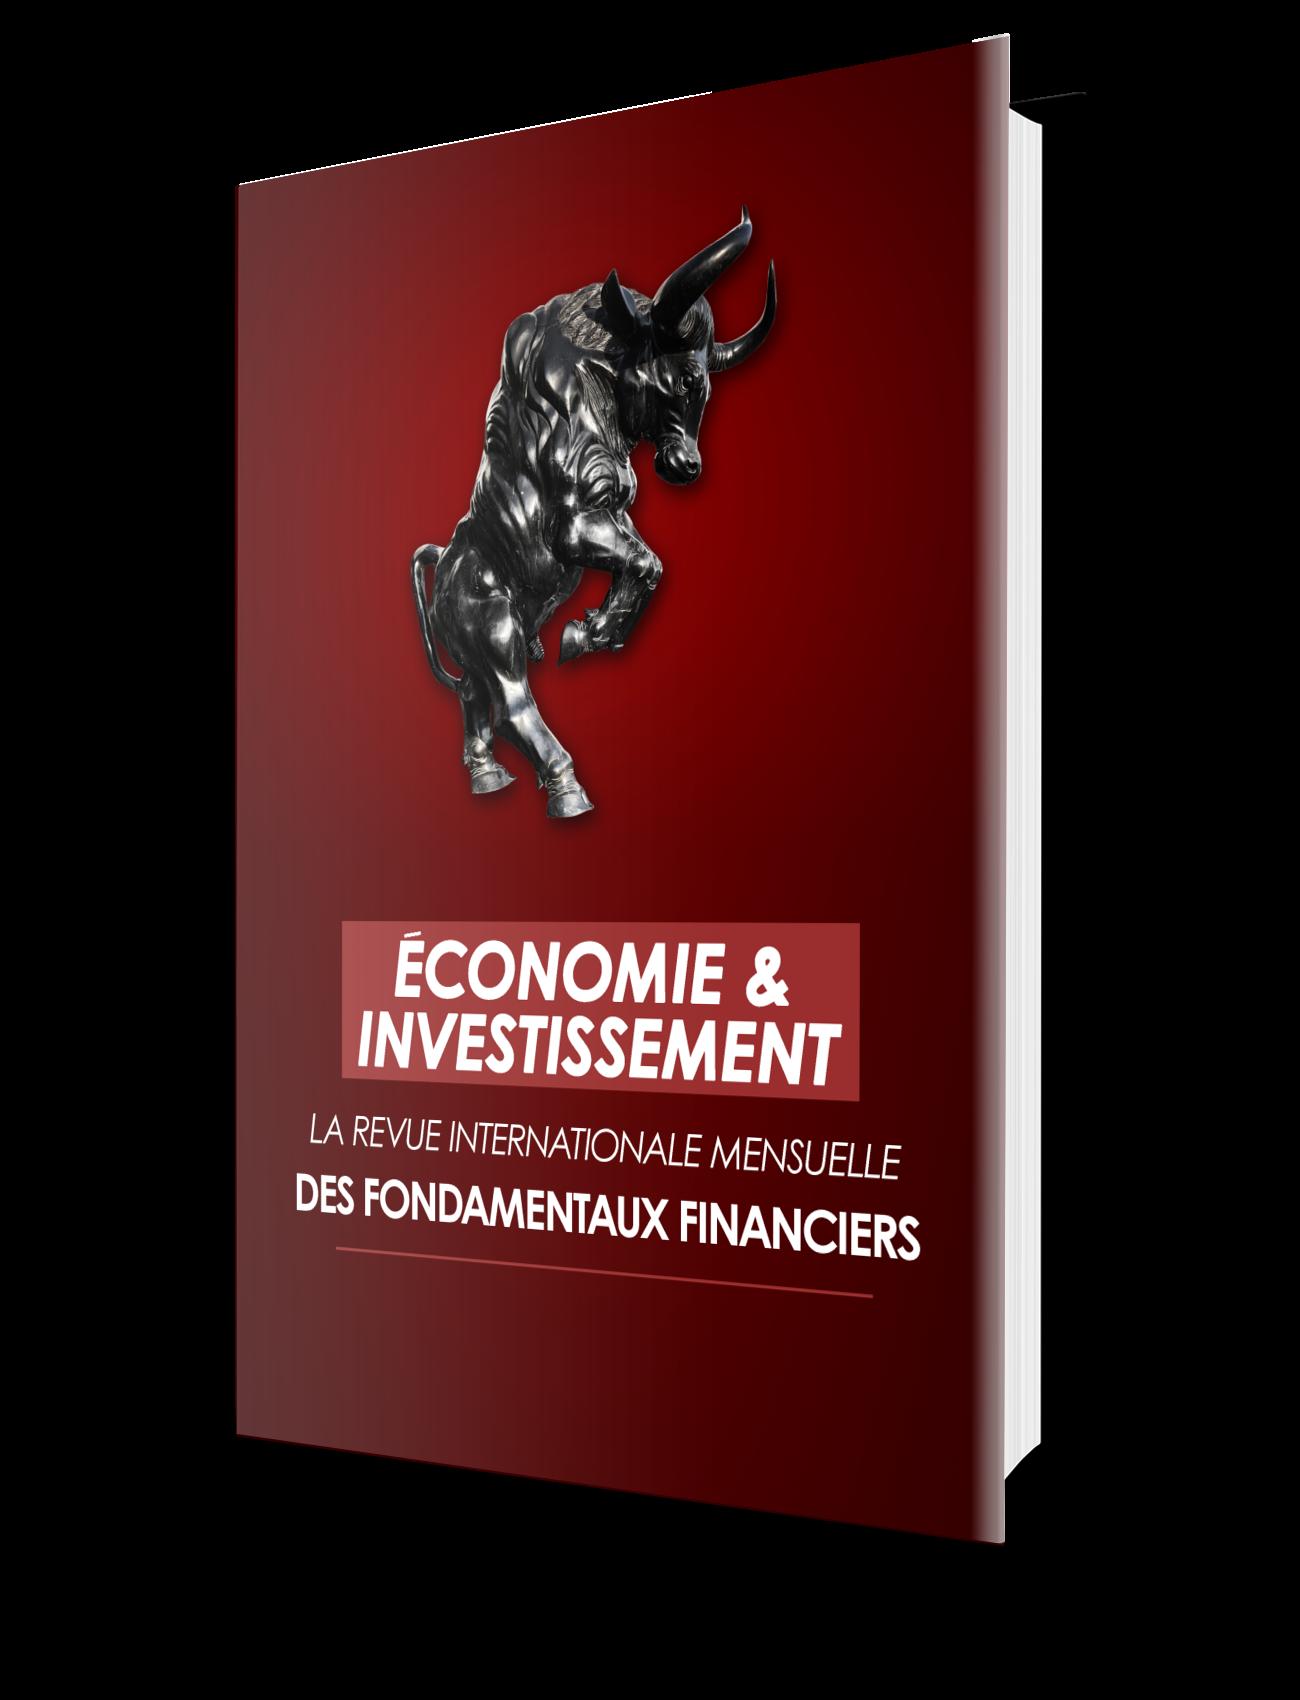 La revue mensuelle Économie & Investissement